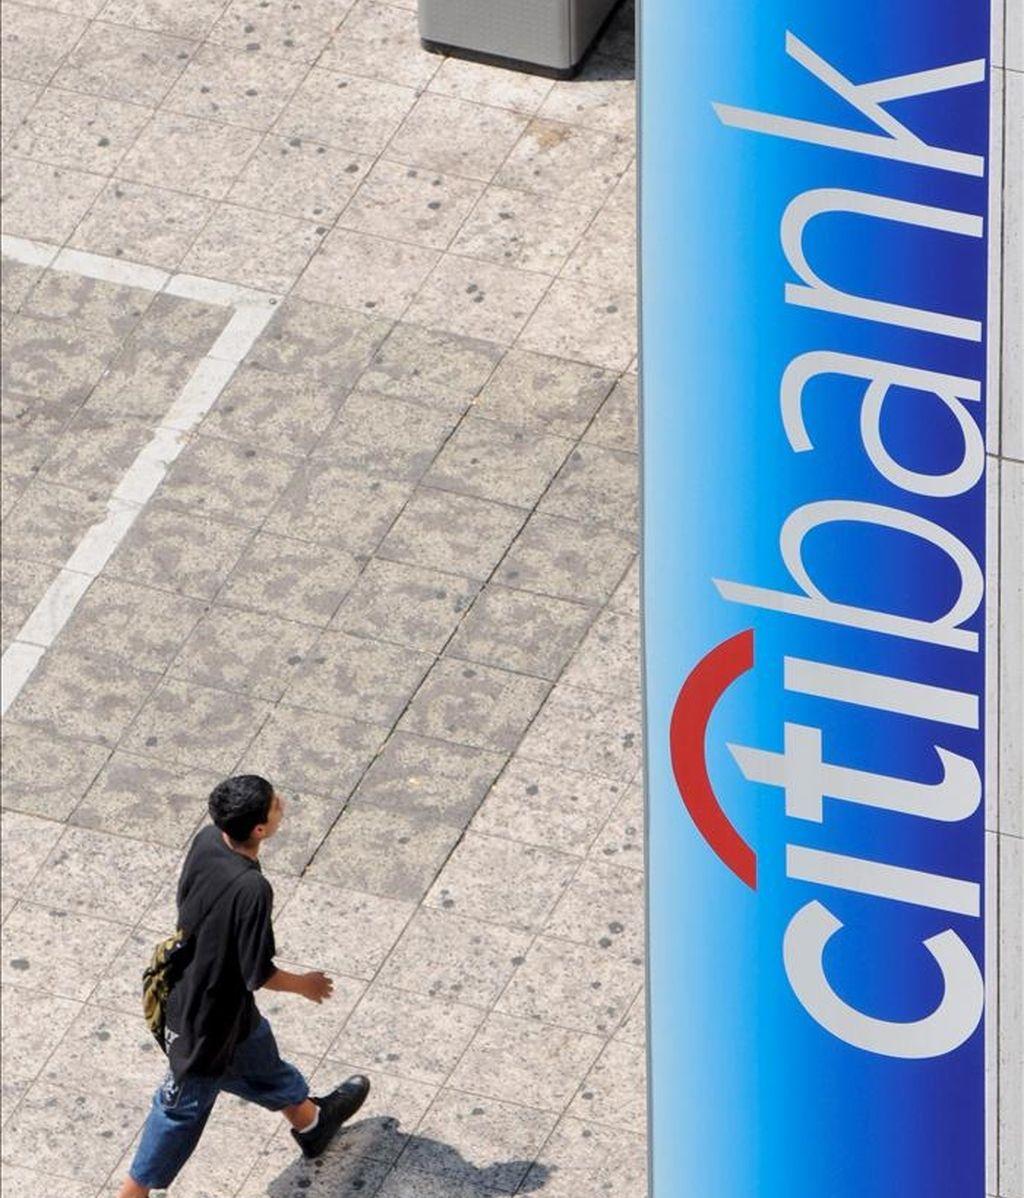 Un peatón camina junto al logo de Citibank. EFE/Archivo